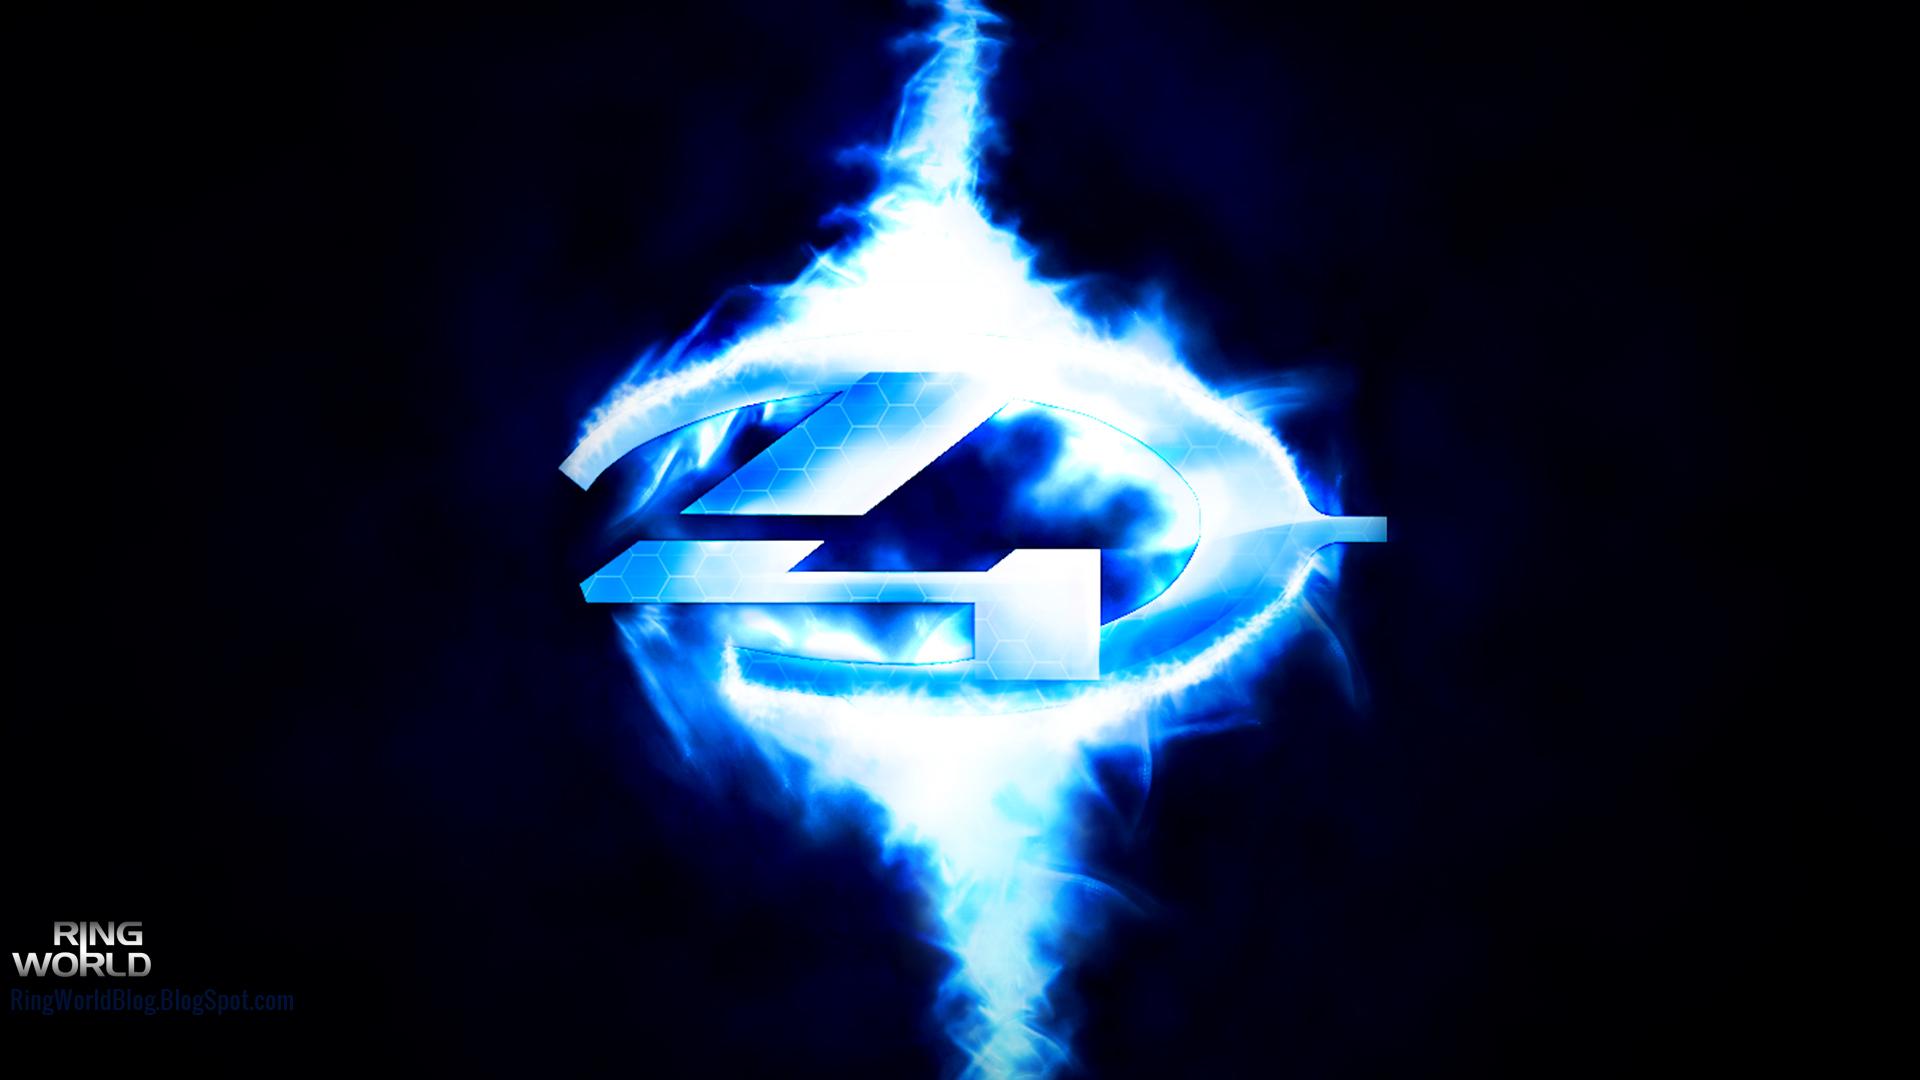 Halo 4 Desktop Wallpapers